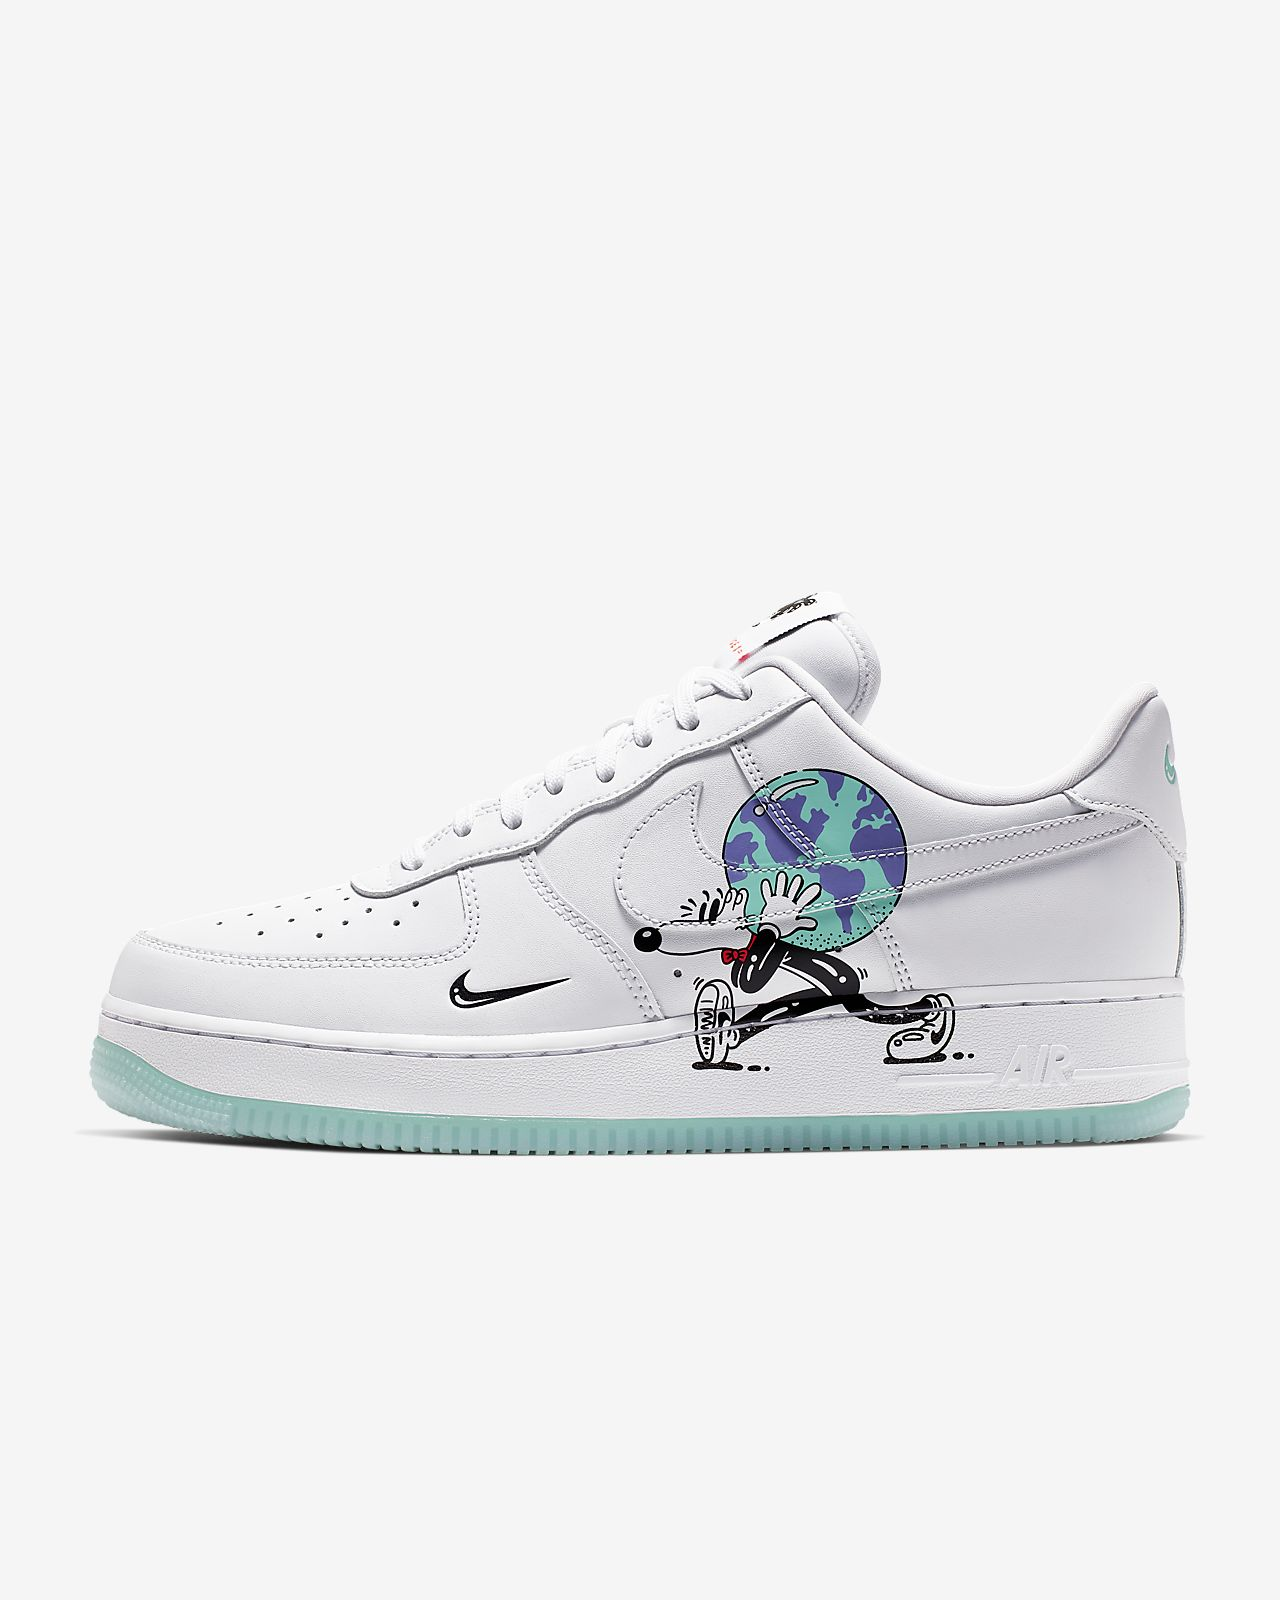 100% authentic 430fc ac18a ... Chaussure Nike Air Force 1 QS FlyLeather pour Homme composée d au moins  50 %